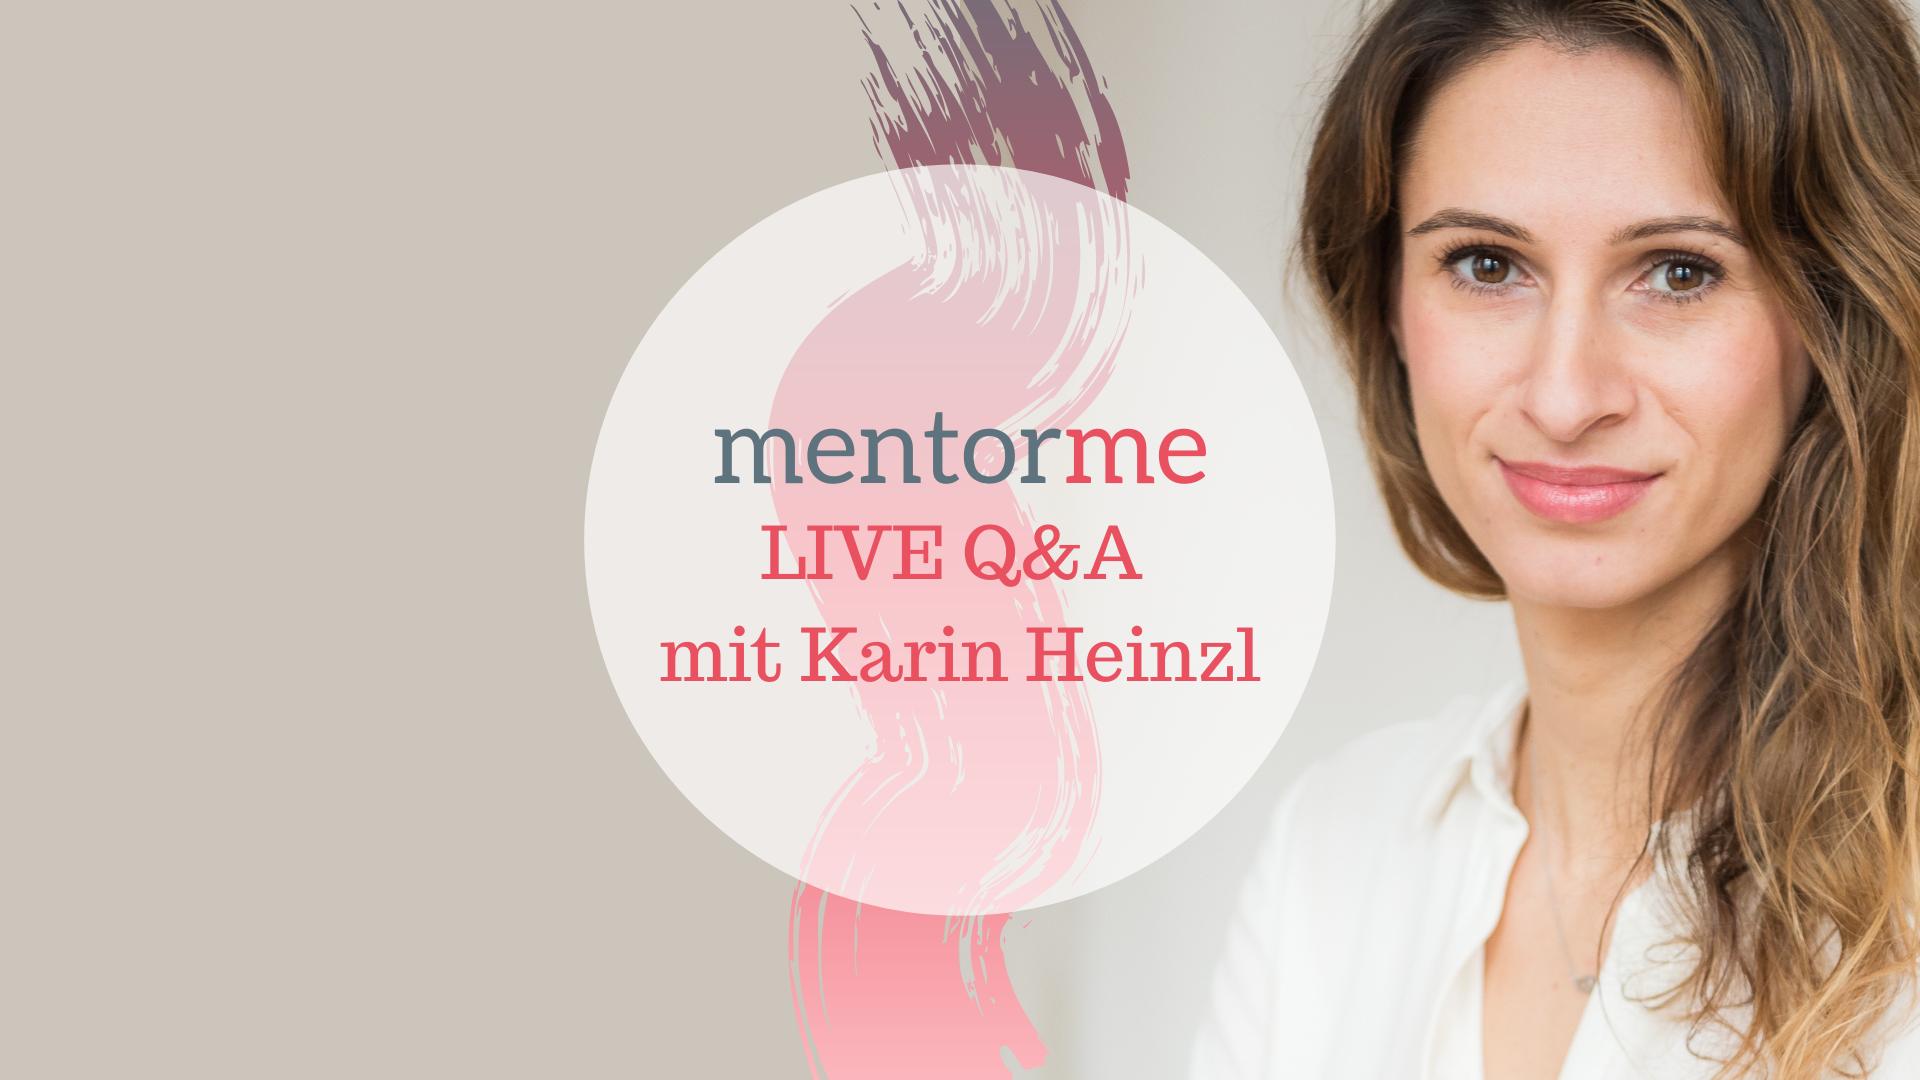 Q&A mit Karin Heinzl